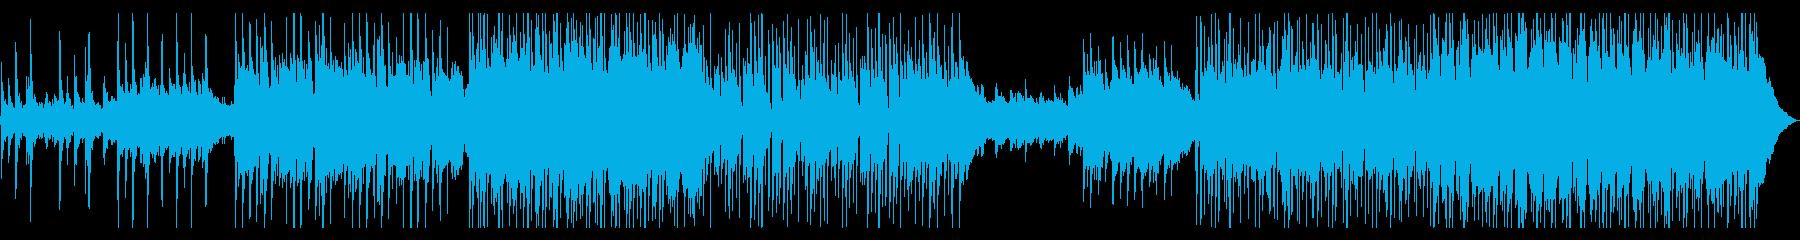 中期ビートルズ風サイケピアノポップの再生済みの波形